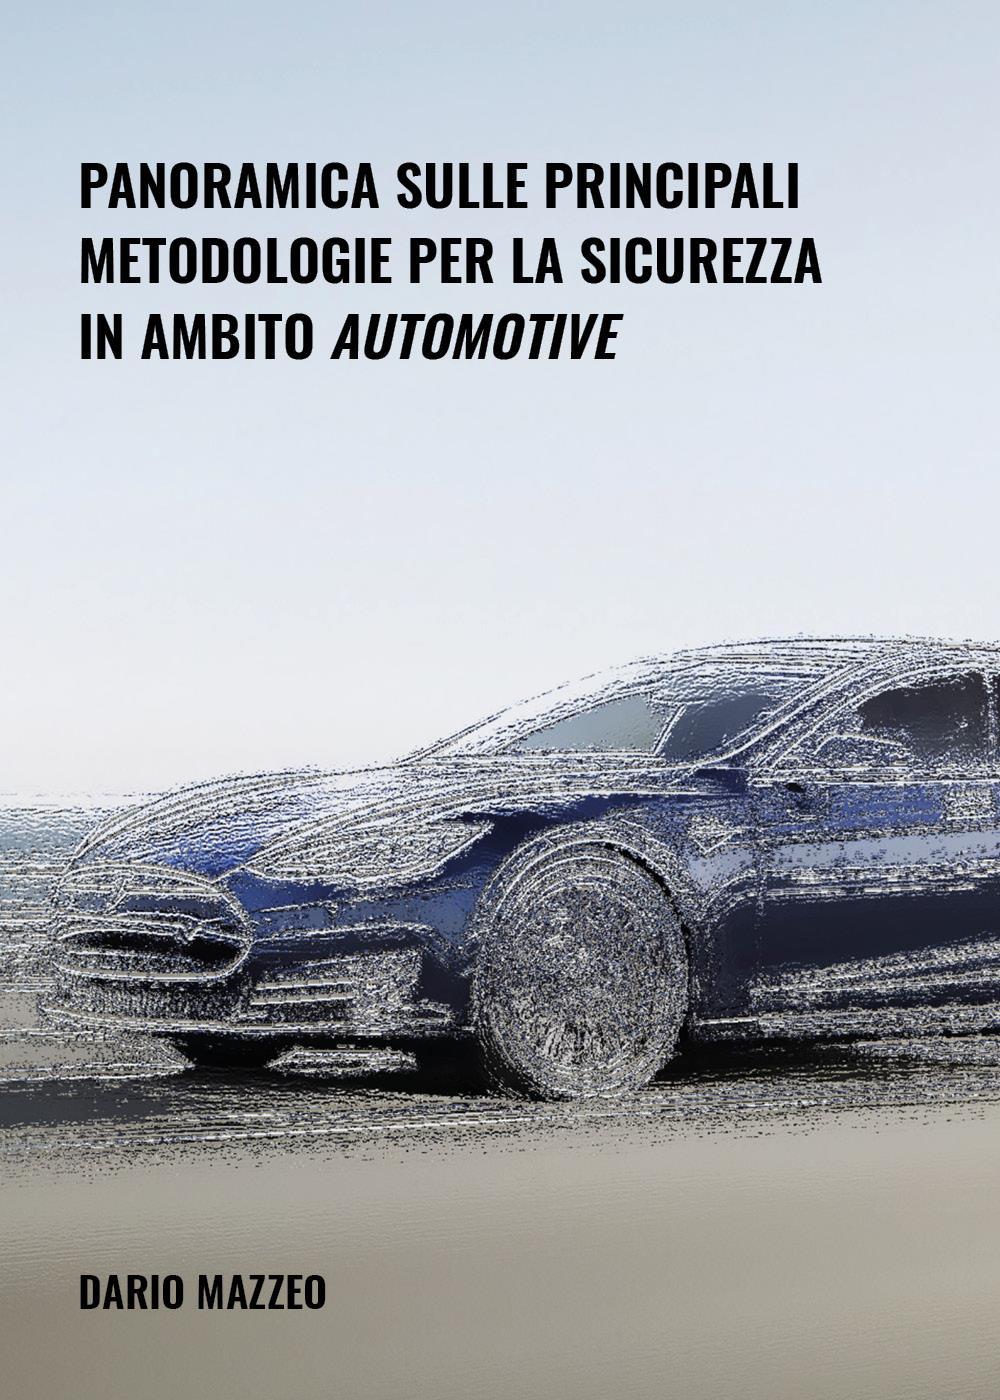 Panoramica sulle principali metodologie per la sicurezza in ambito automotive